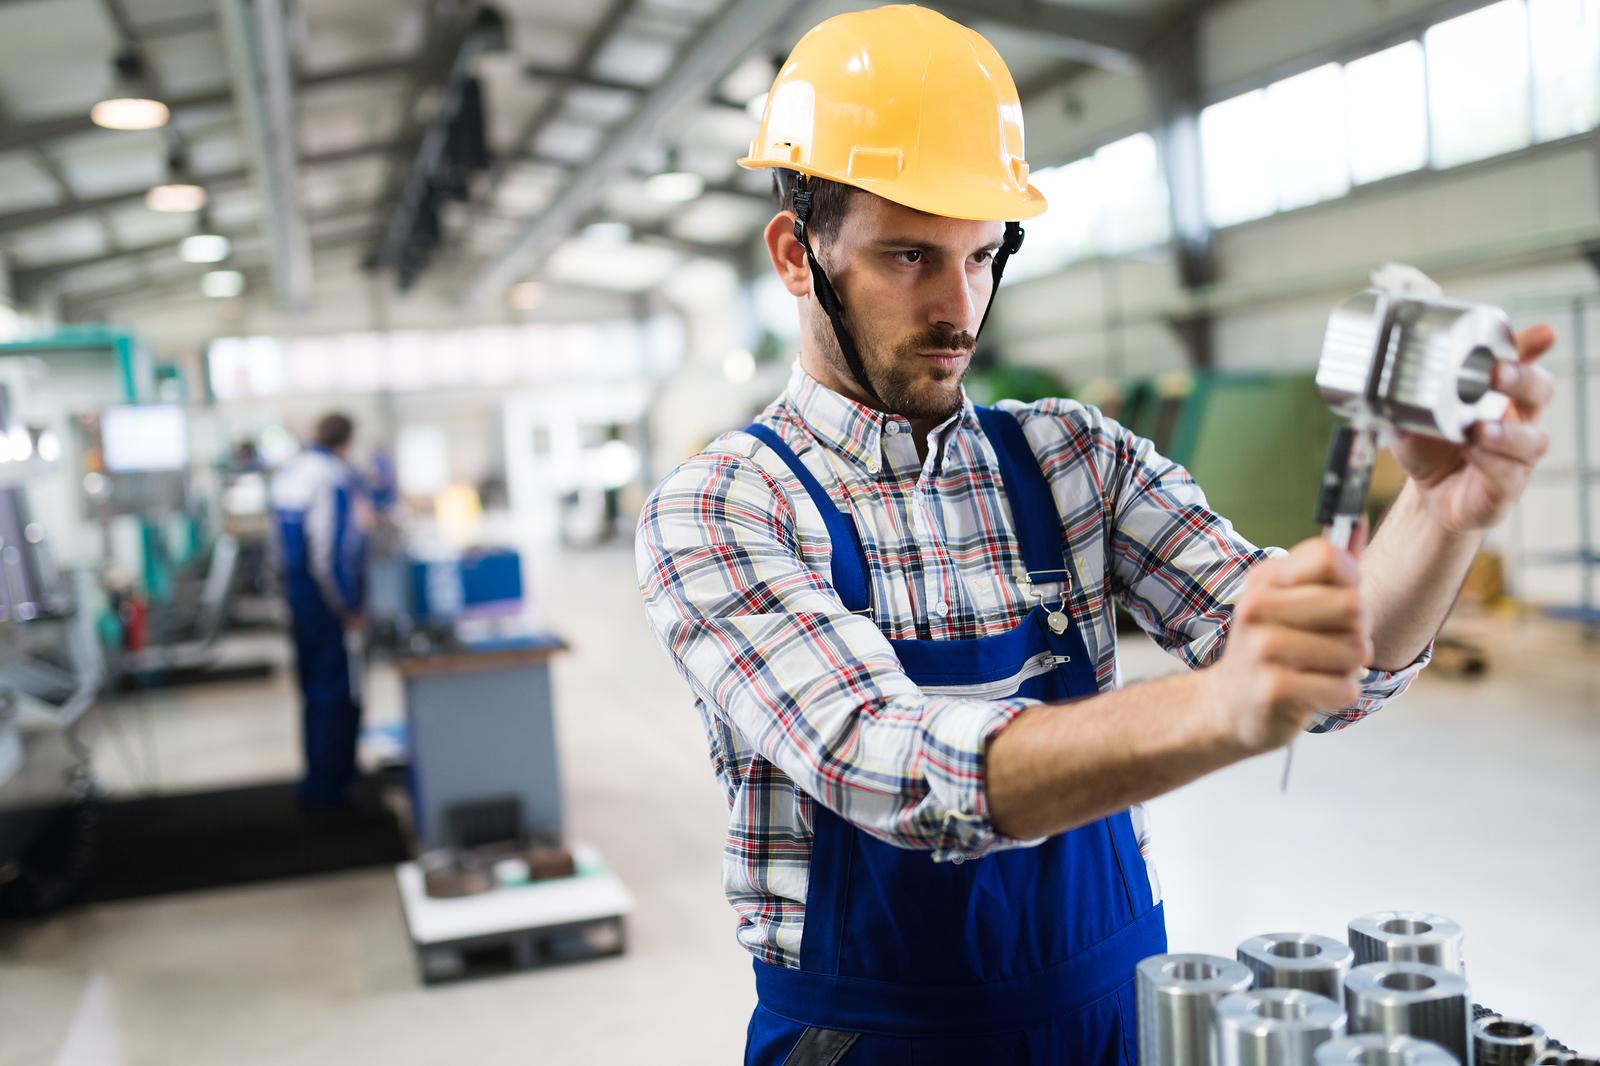 modern industrial machine operator working in metal industry factory